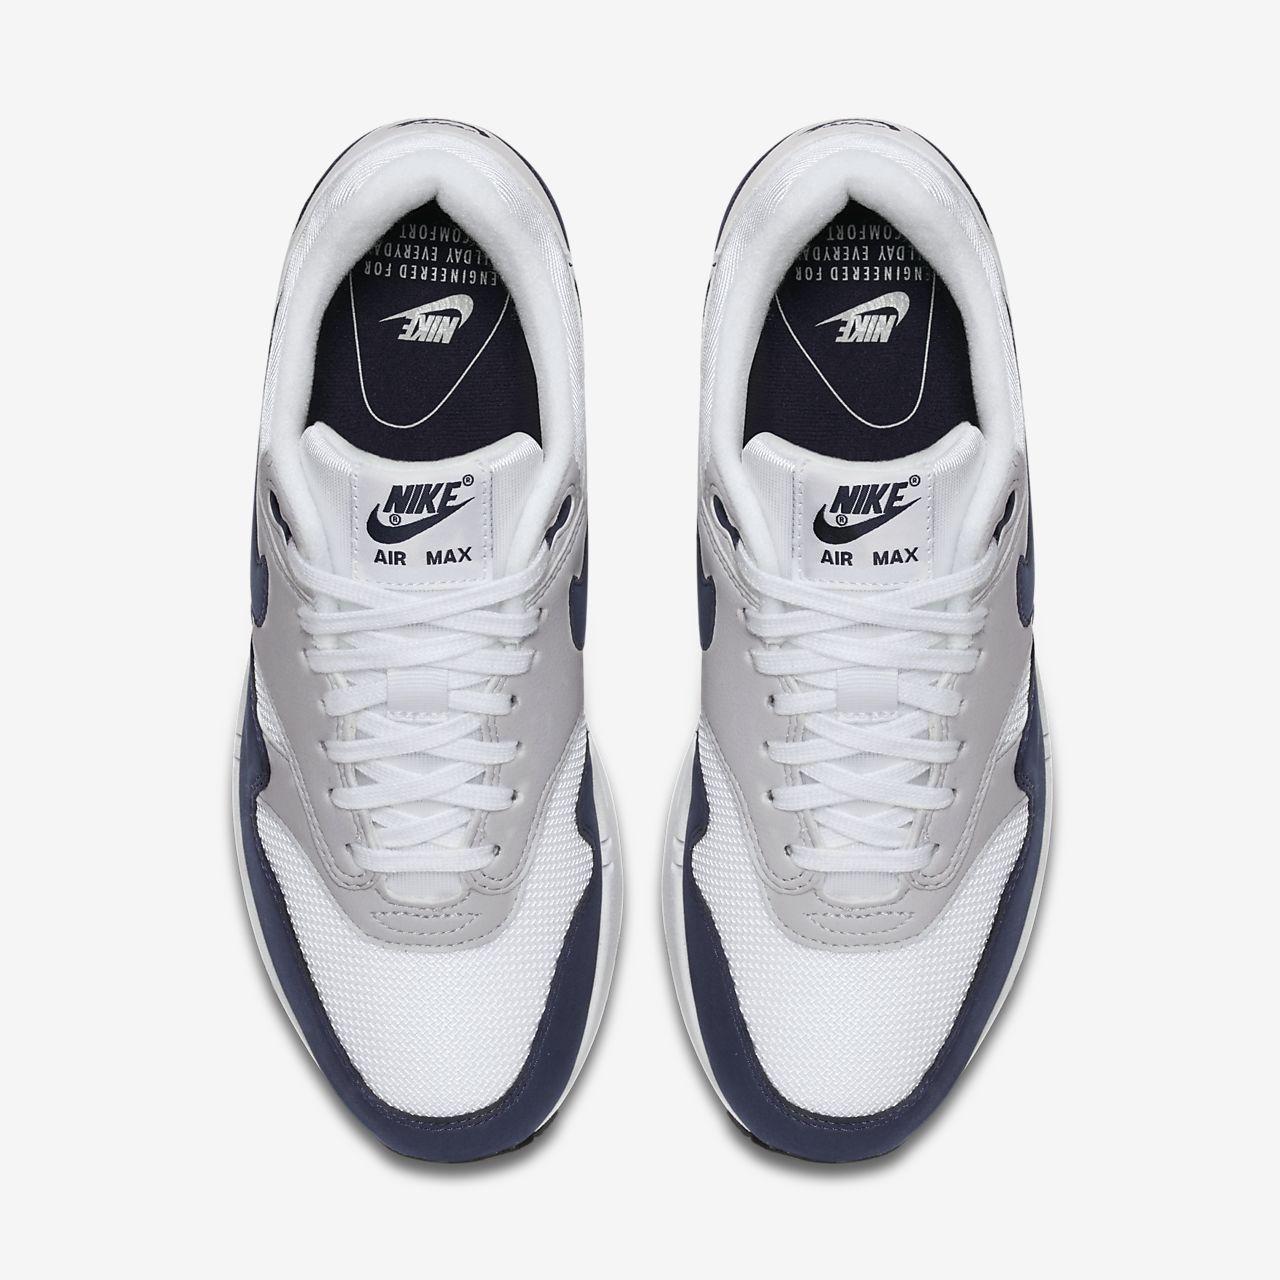 Nike Air Max 1 Damenschuh      | Economy  b70a4a